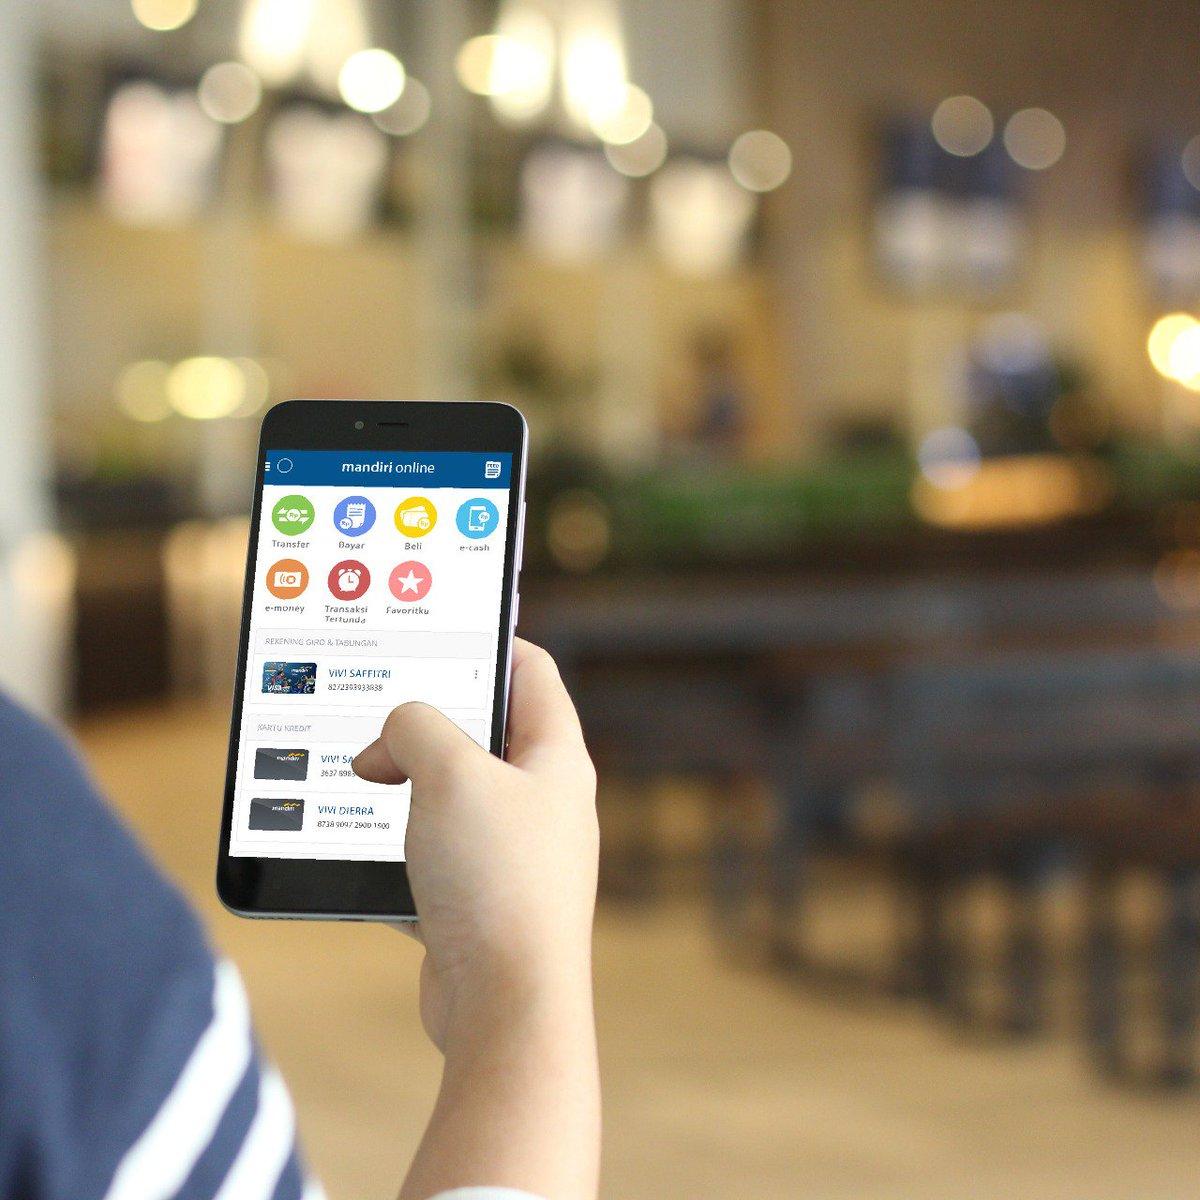 Mandiri Care On Twitter Sahabat Mandiri Saat Berada Di Tempat Umum Dan Melakukan Transaksi E Banking Jangan Mengakses Wifi Gratis Demi Keamanan Transaksi Dan Menjaga Data Kamu Yang Bersifat Rahasia Kelasmandiri Https T Co Xte0y7w3om